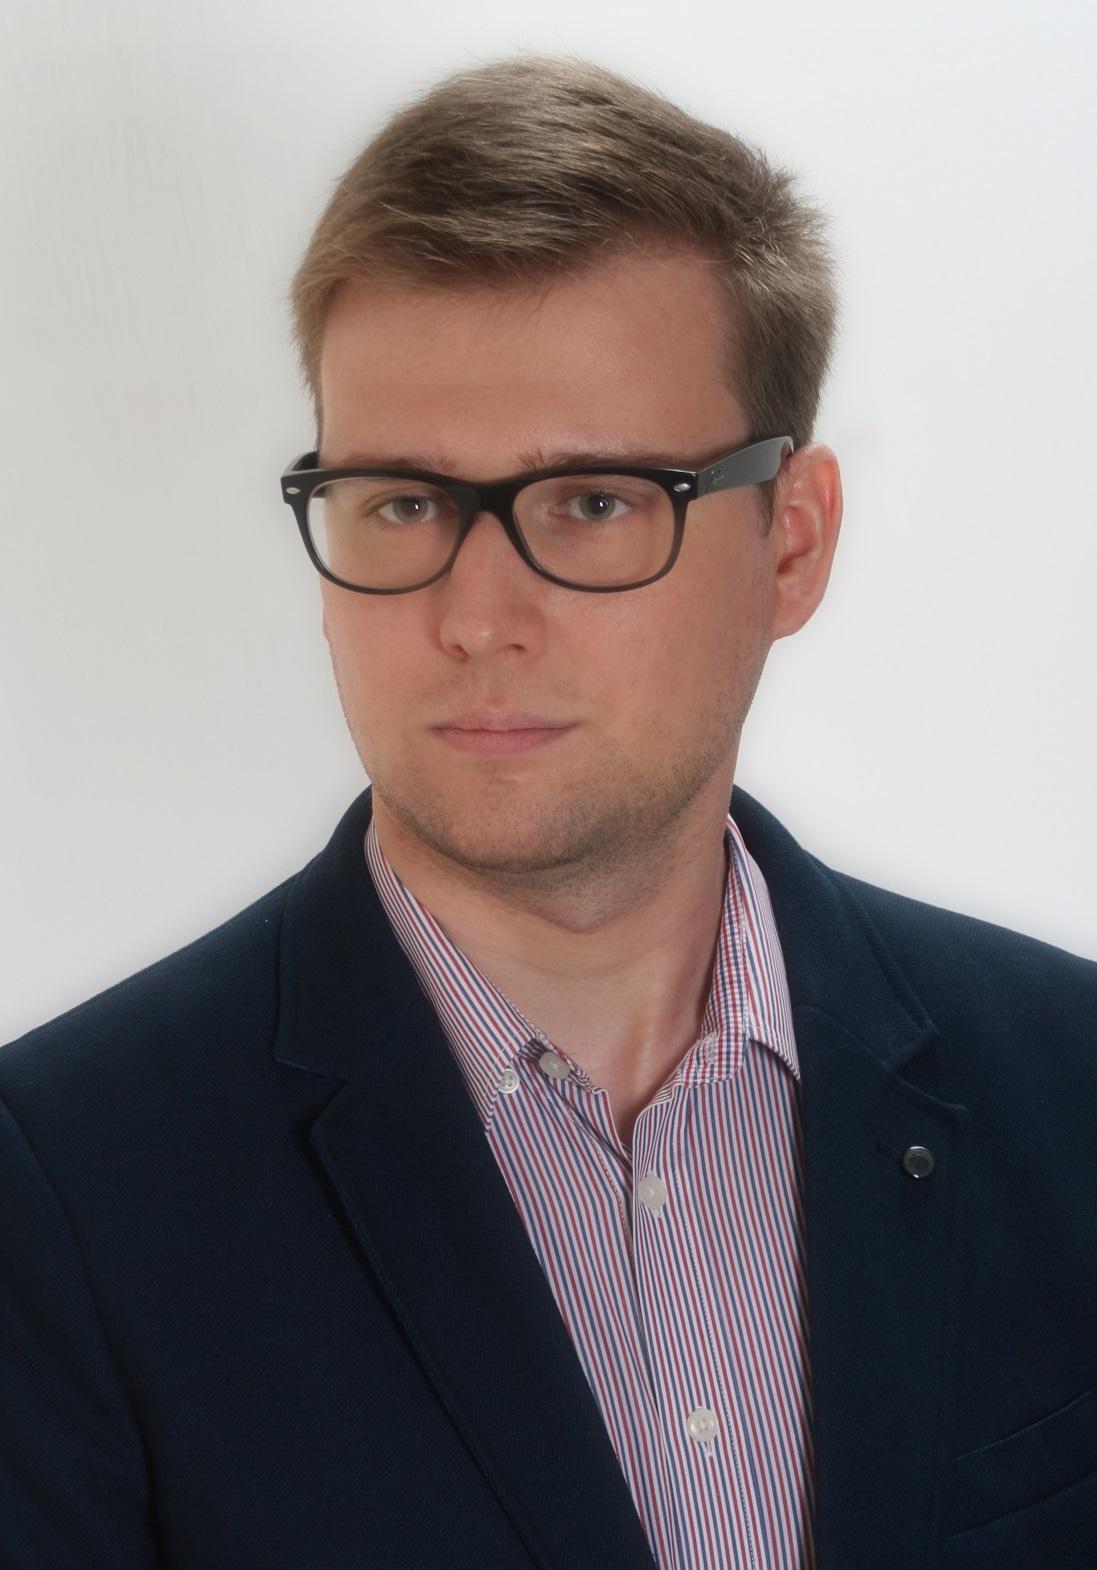 Paweł Piekart